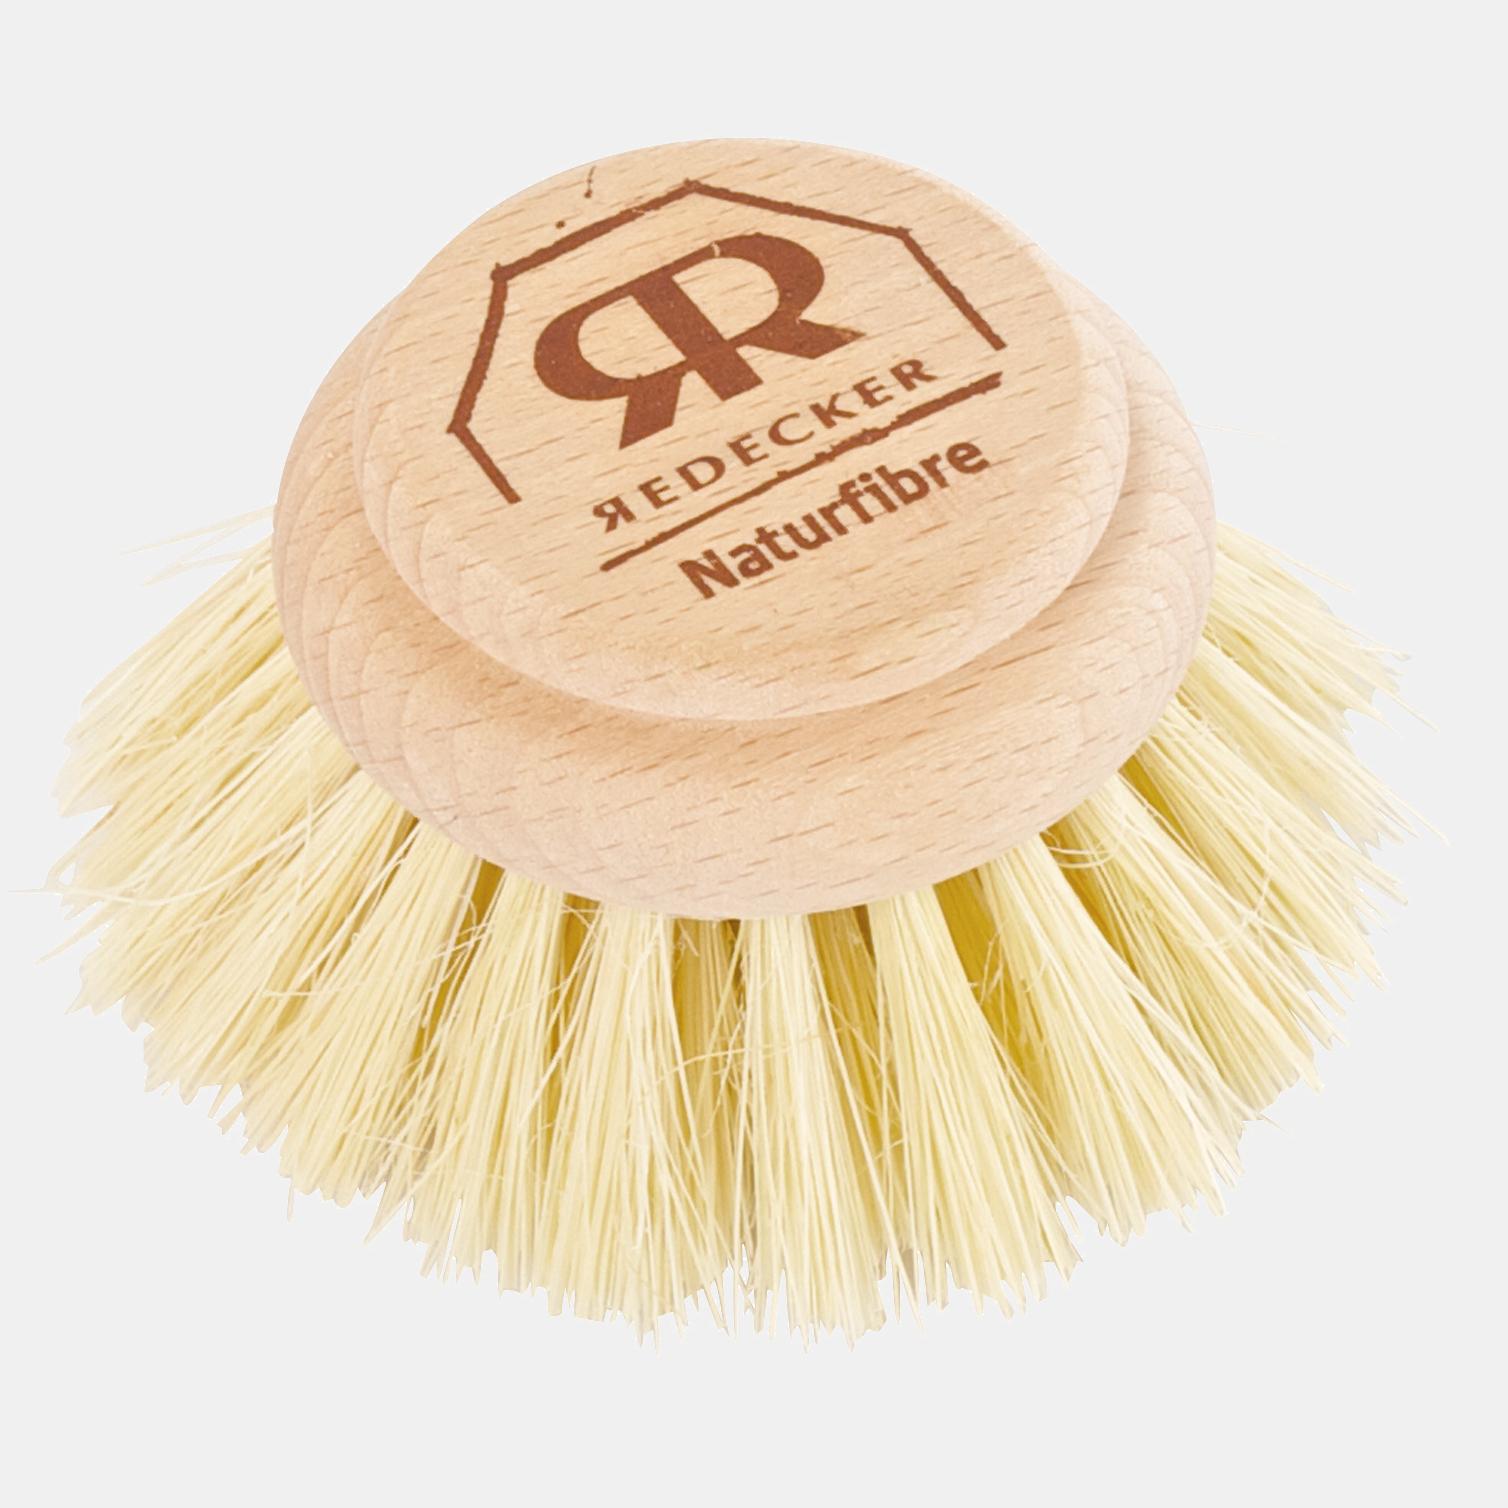 Rezervă pentru perie de spălat vase, modelul tare de 4 cm. Lemn de fag netratat, fibră tampico de agave. Diametru perie: 5cm.